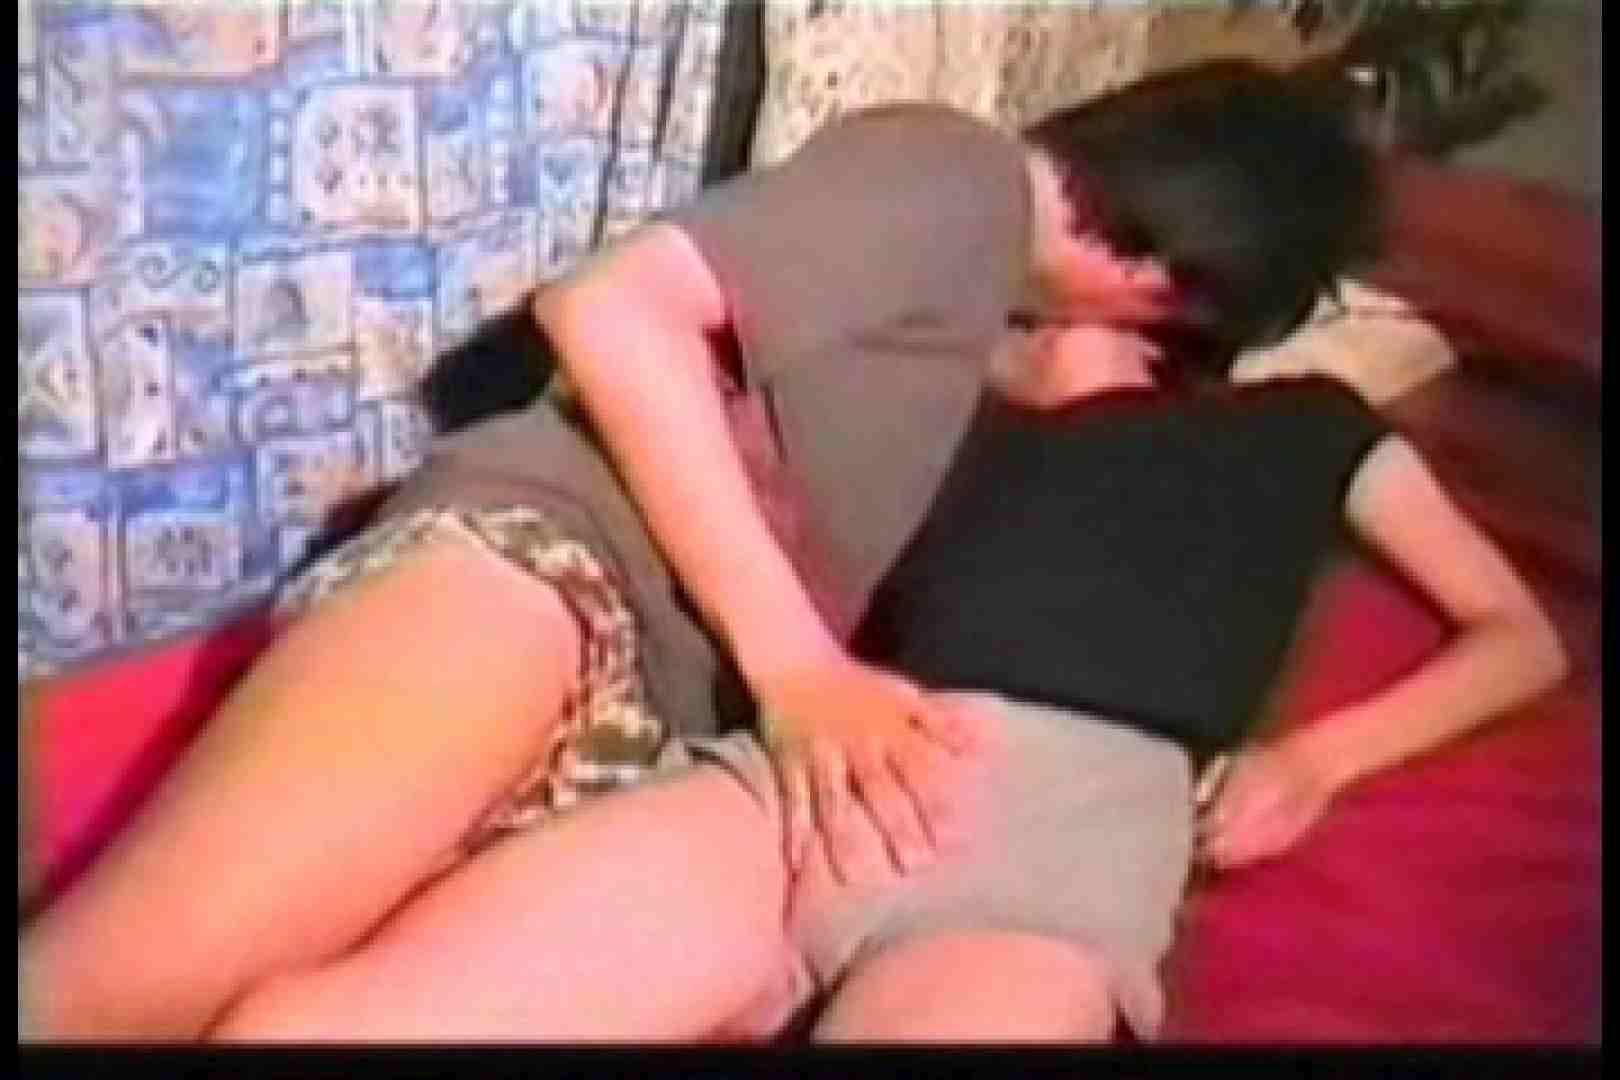 【投稿作品】秘蔵流出ビデオ!!甘い追憶 フェラ天国 ゲイ素人エロ画像 94pic 55